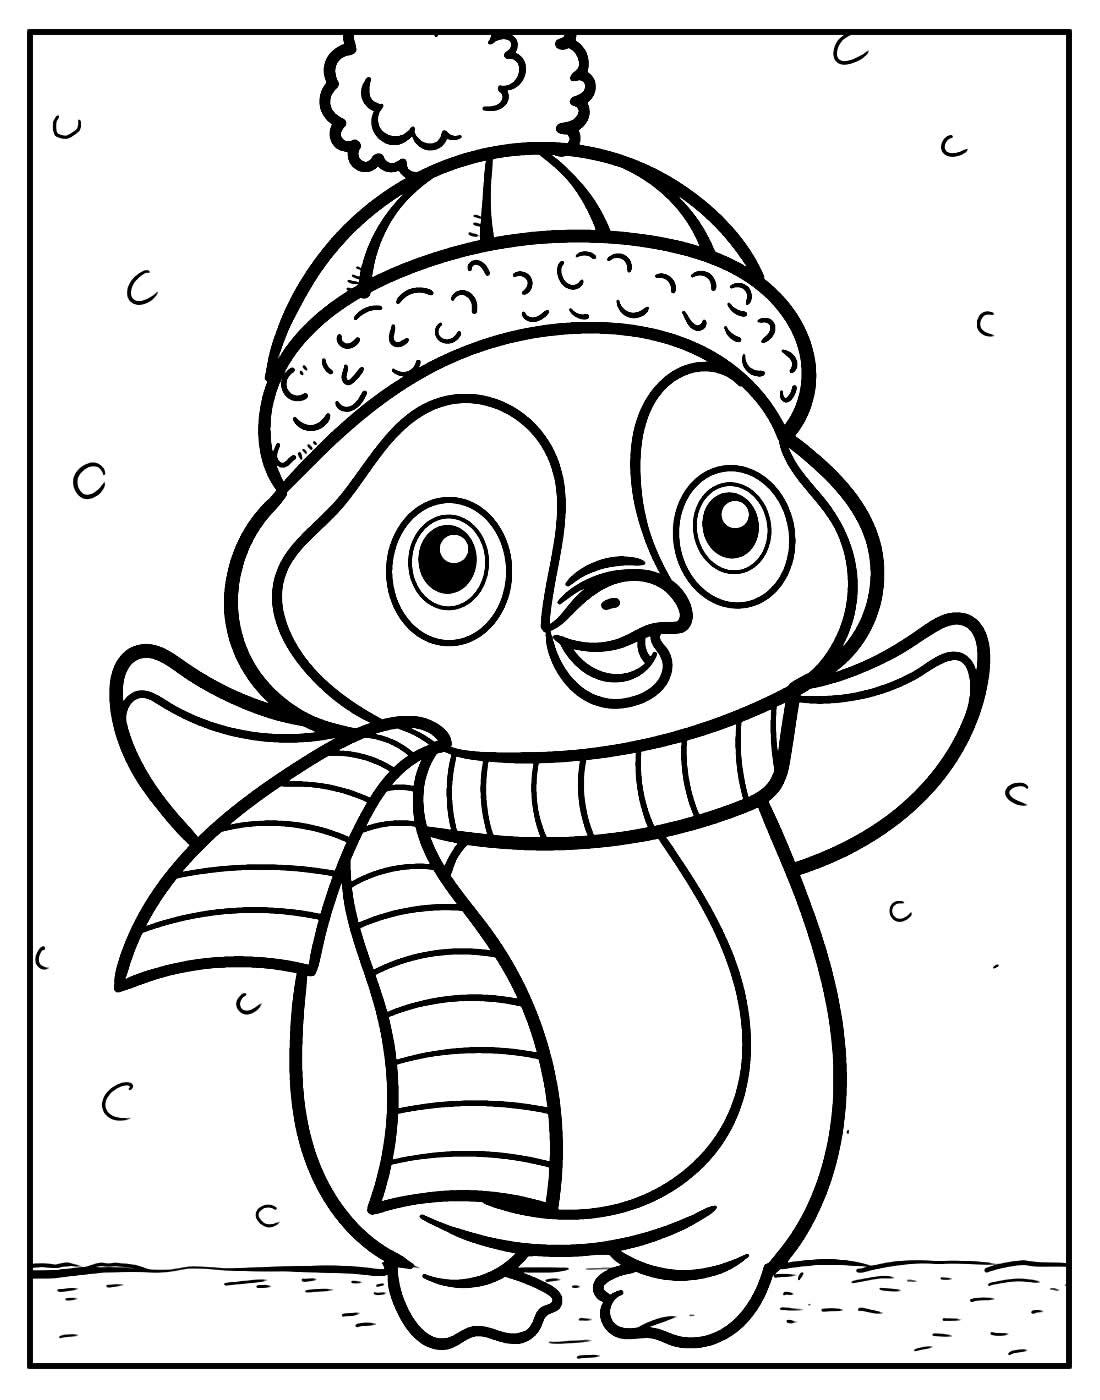 Desenho para colorir Pinguim